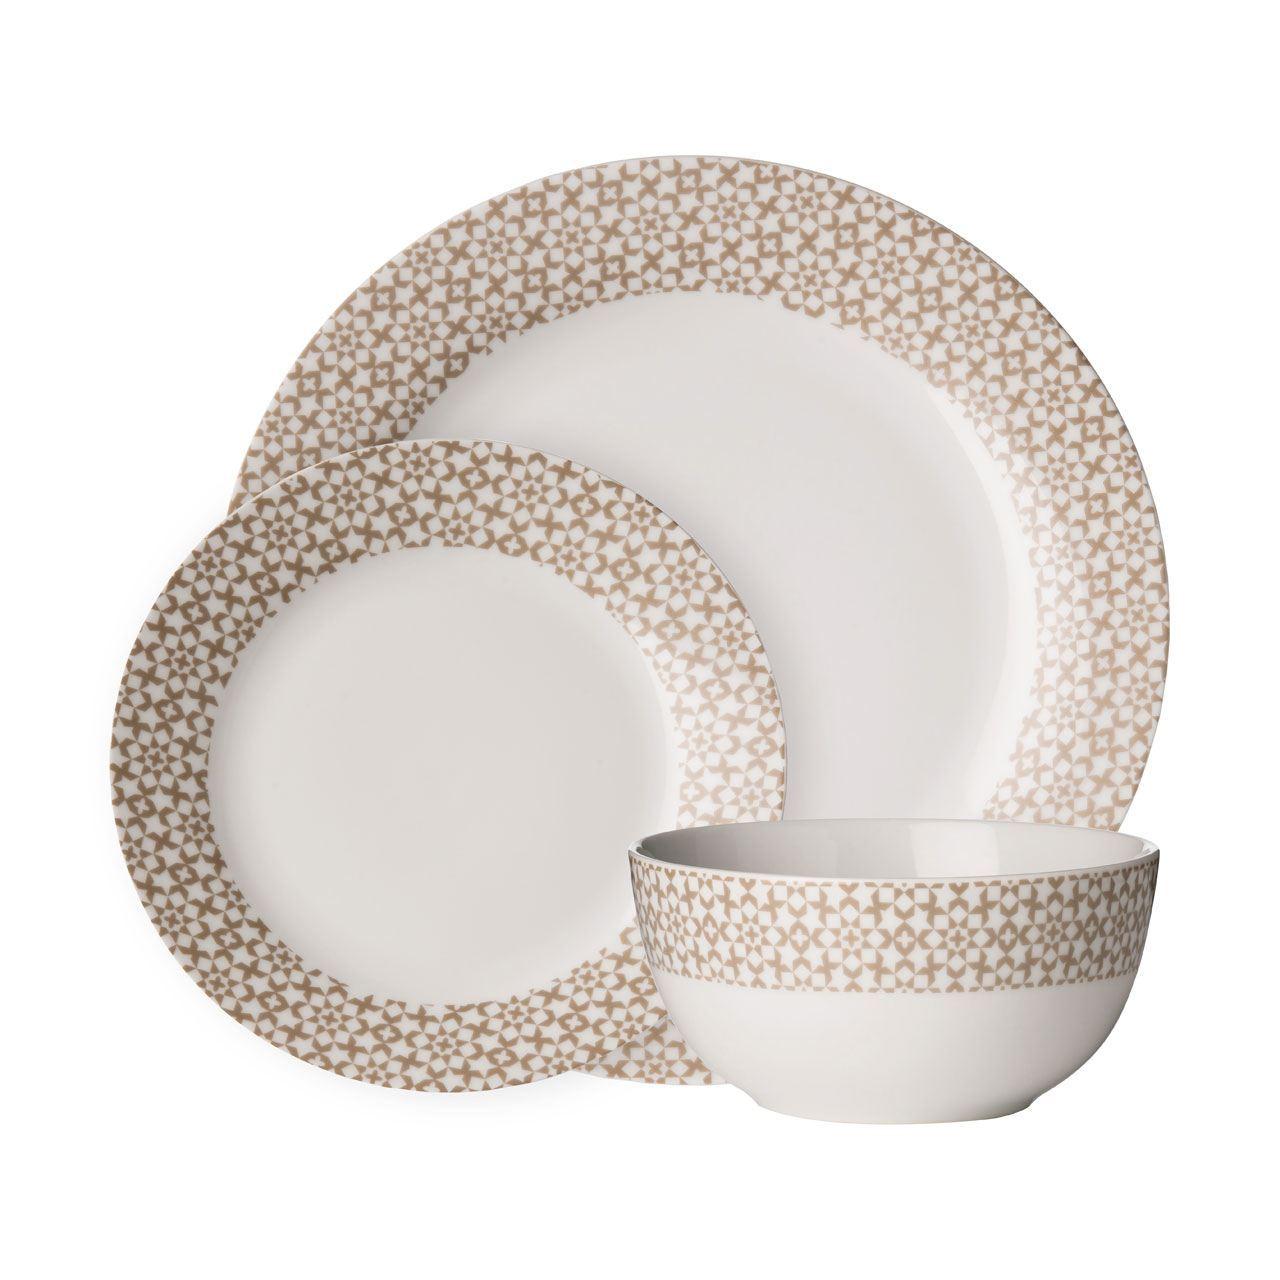 ... Picture 2 of 2  sc 1 st  eBay & Avie Casablanca Natural White 12 PCE Dinner Set Plate Bowl Porcelain ...